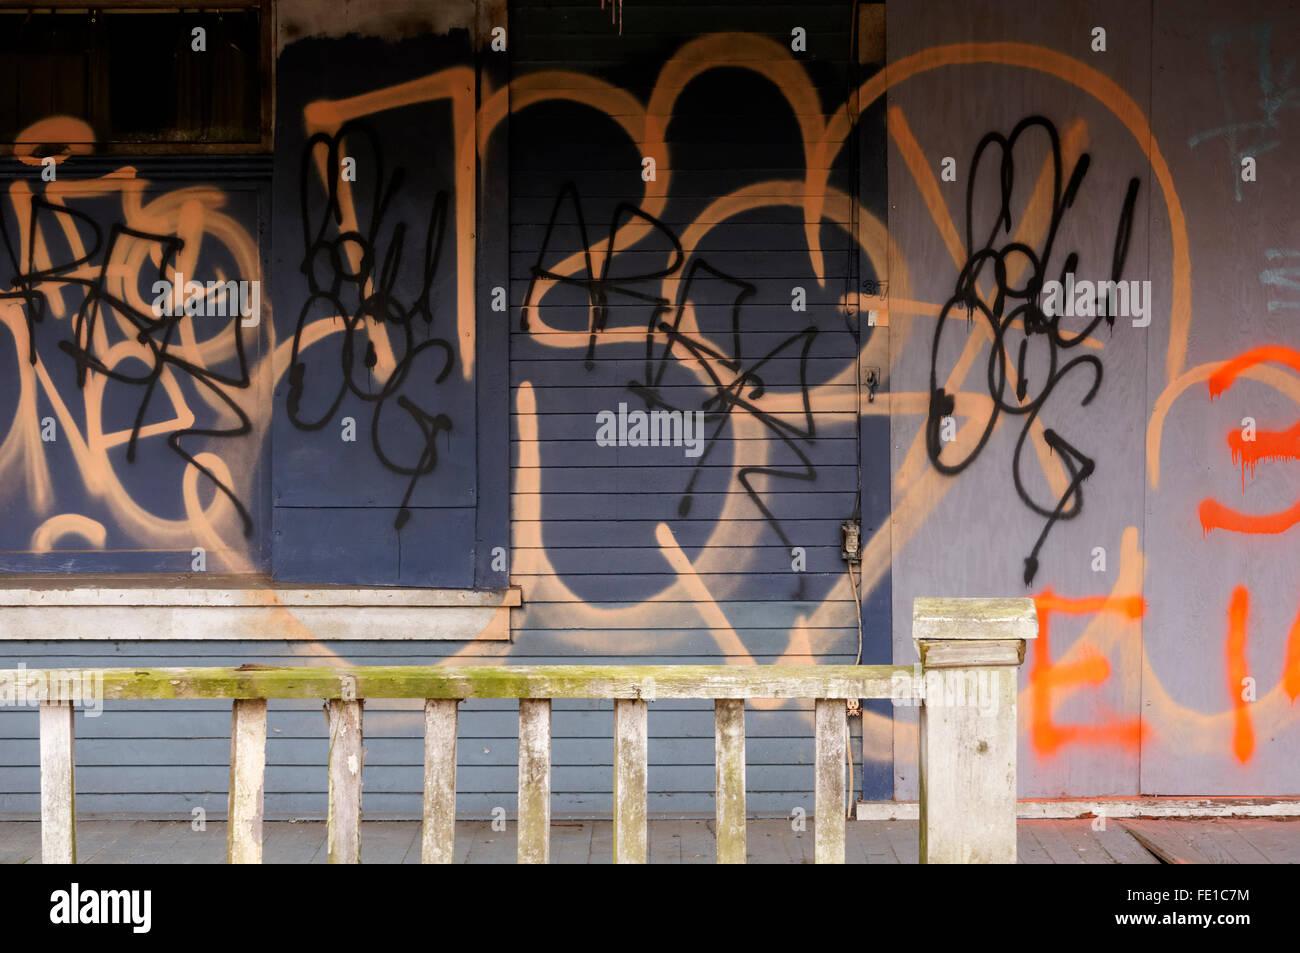 Urbano caotico i graffiti sulla facciata di una casa abbandonata a Vancouver in Canada Immagini Stock